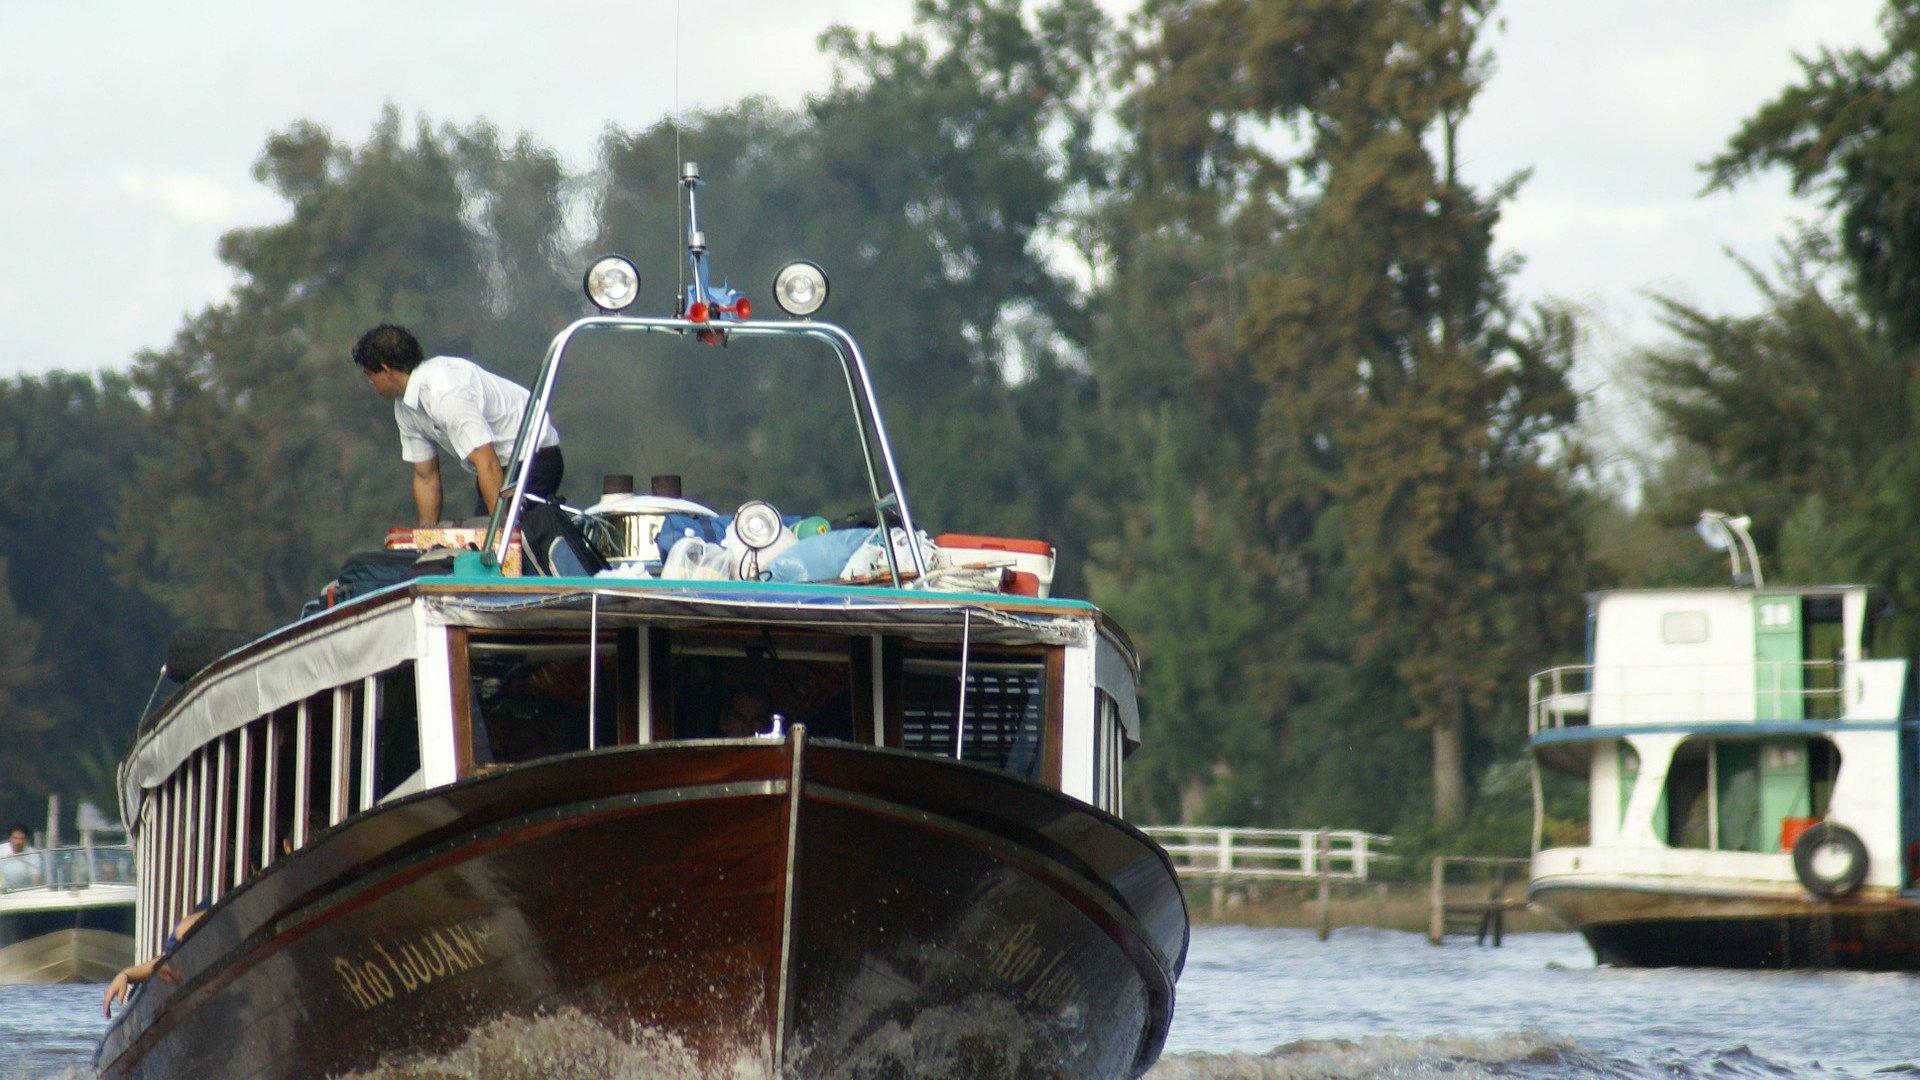 La location de bateaux est particulièrement appréciée pendant les vacances 11